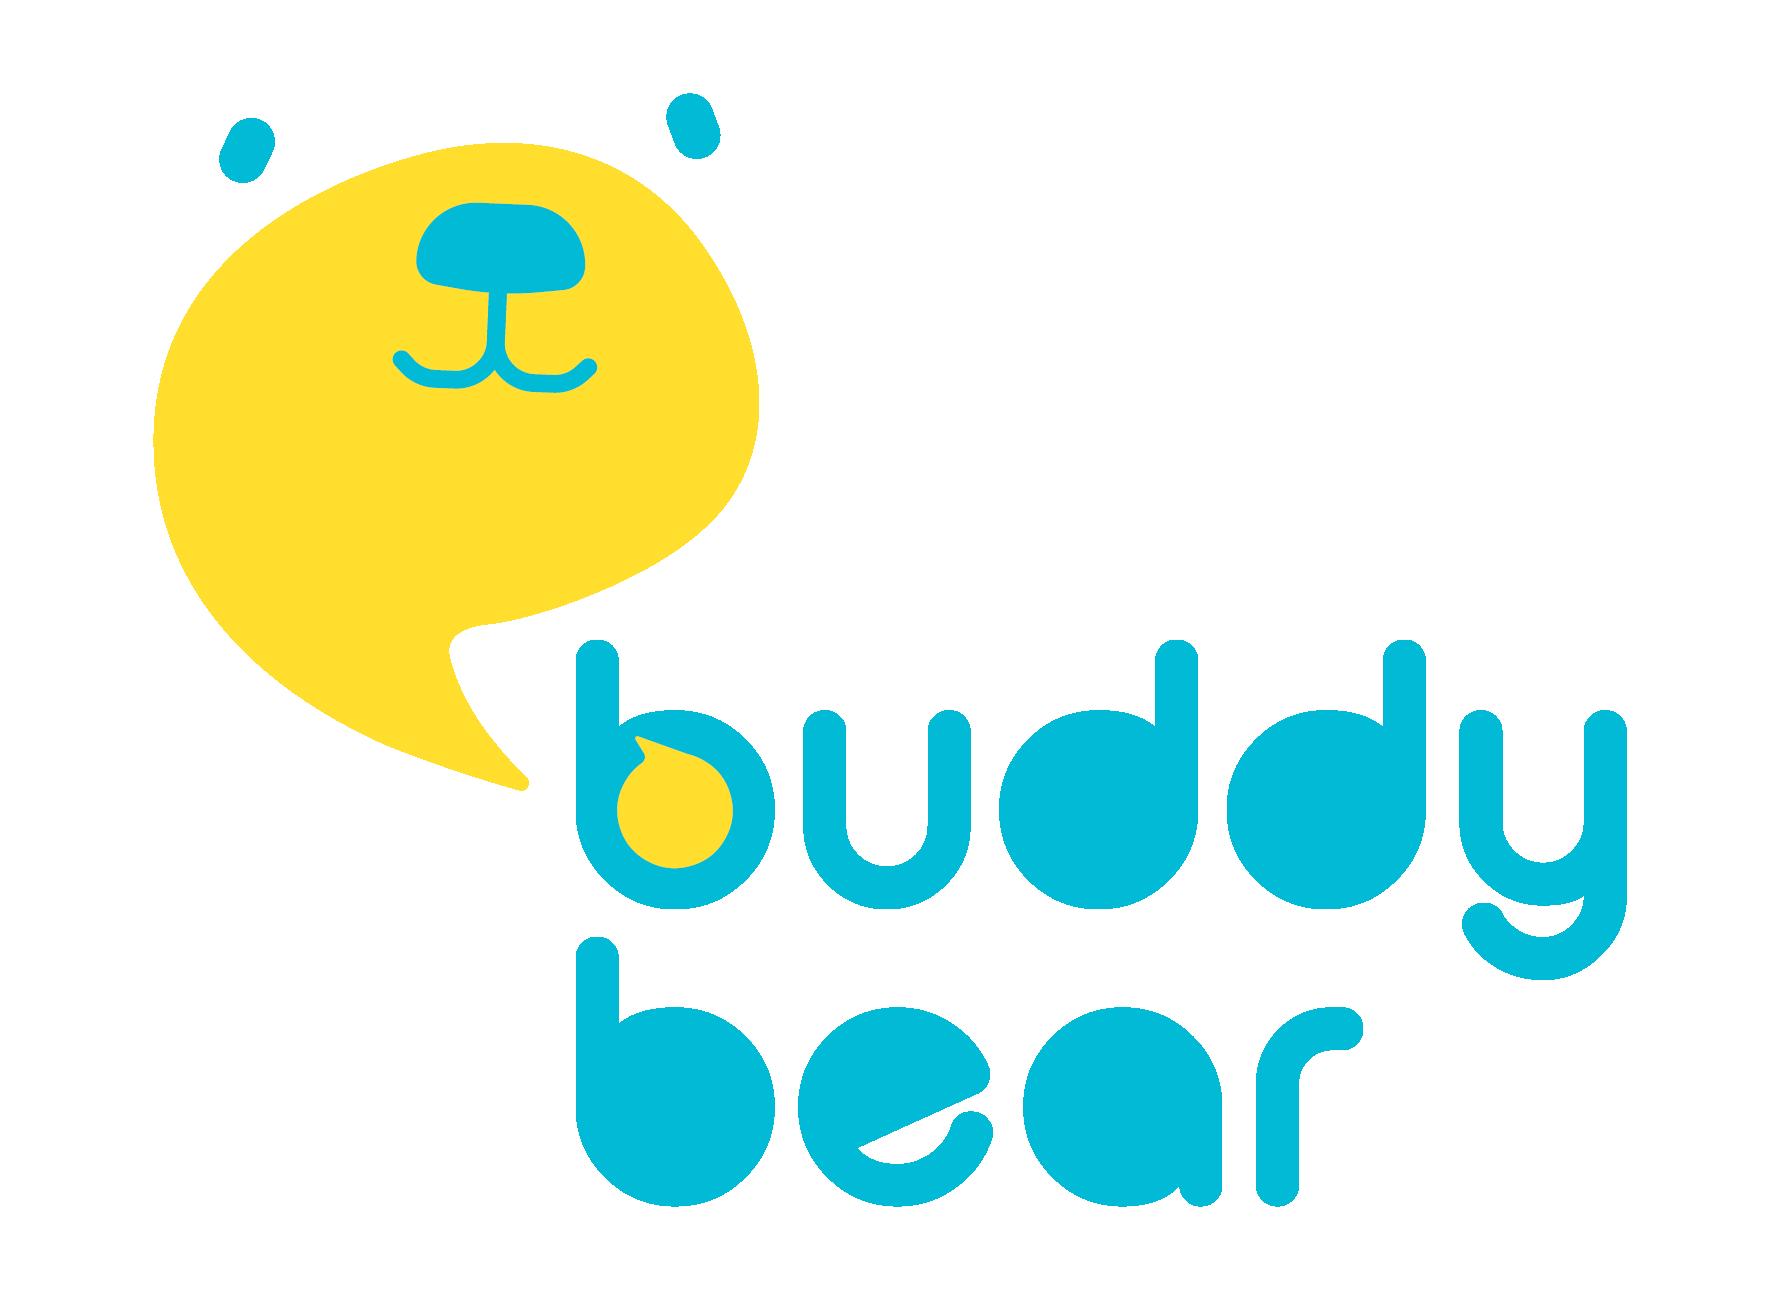 Buddy bear logo 01